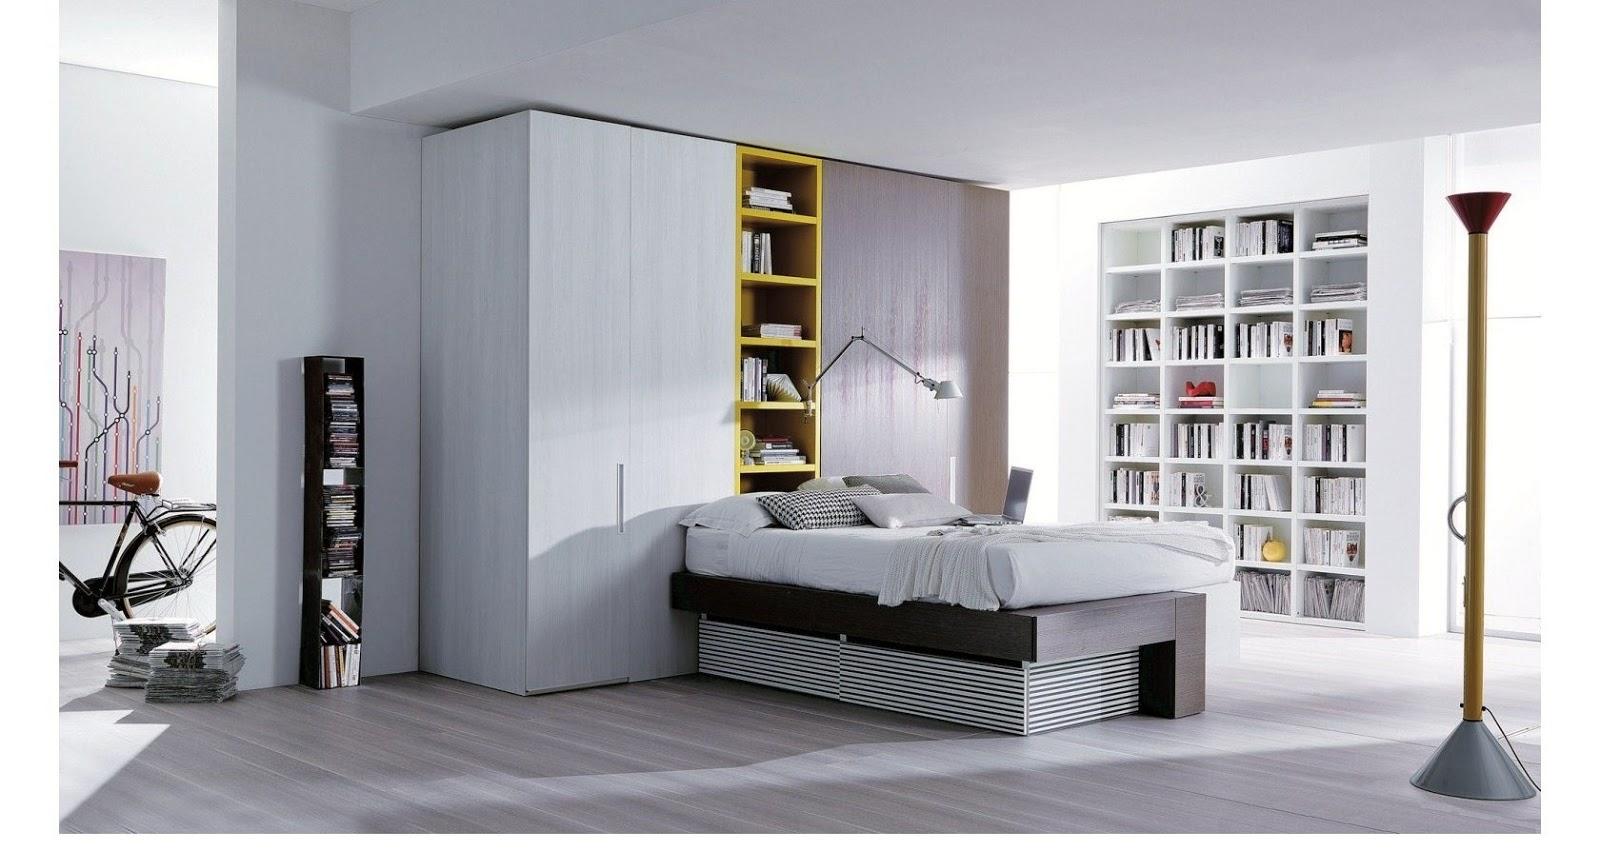 Bonetti camerette bonetti bedrooms camerette dielle - Cabine armadio mercatone uno ...